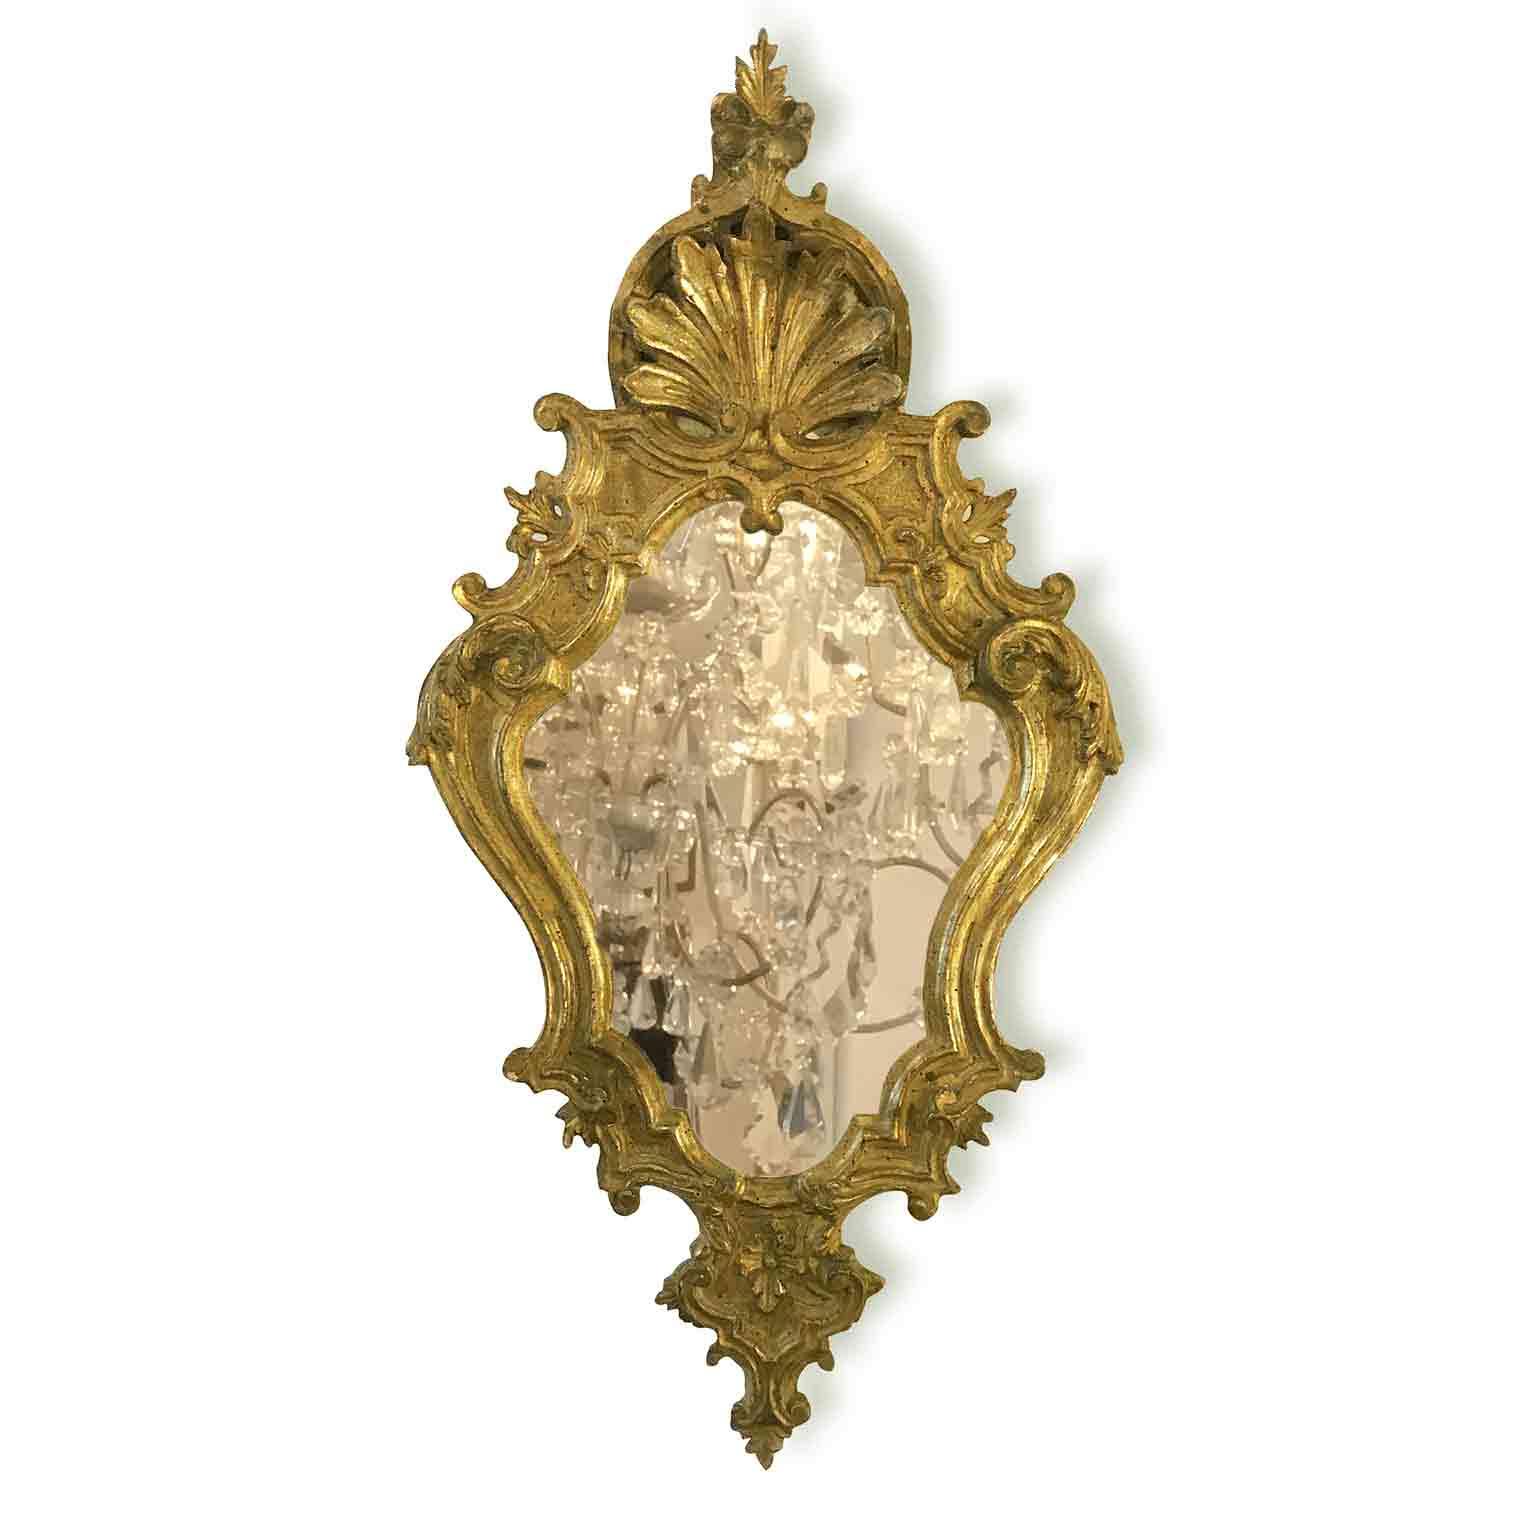 specchiera intagliata e dorata con specchio al mercurio 1700